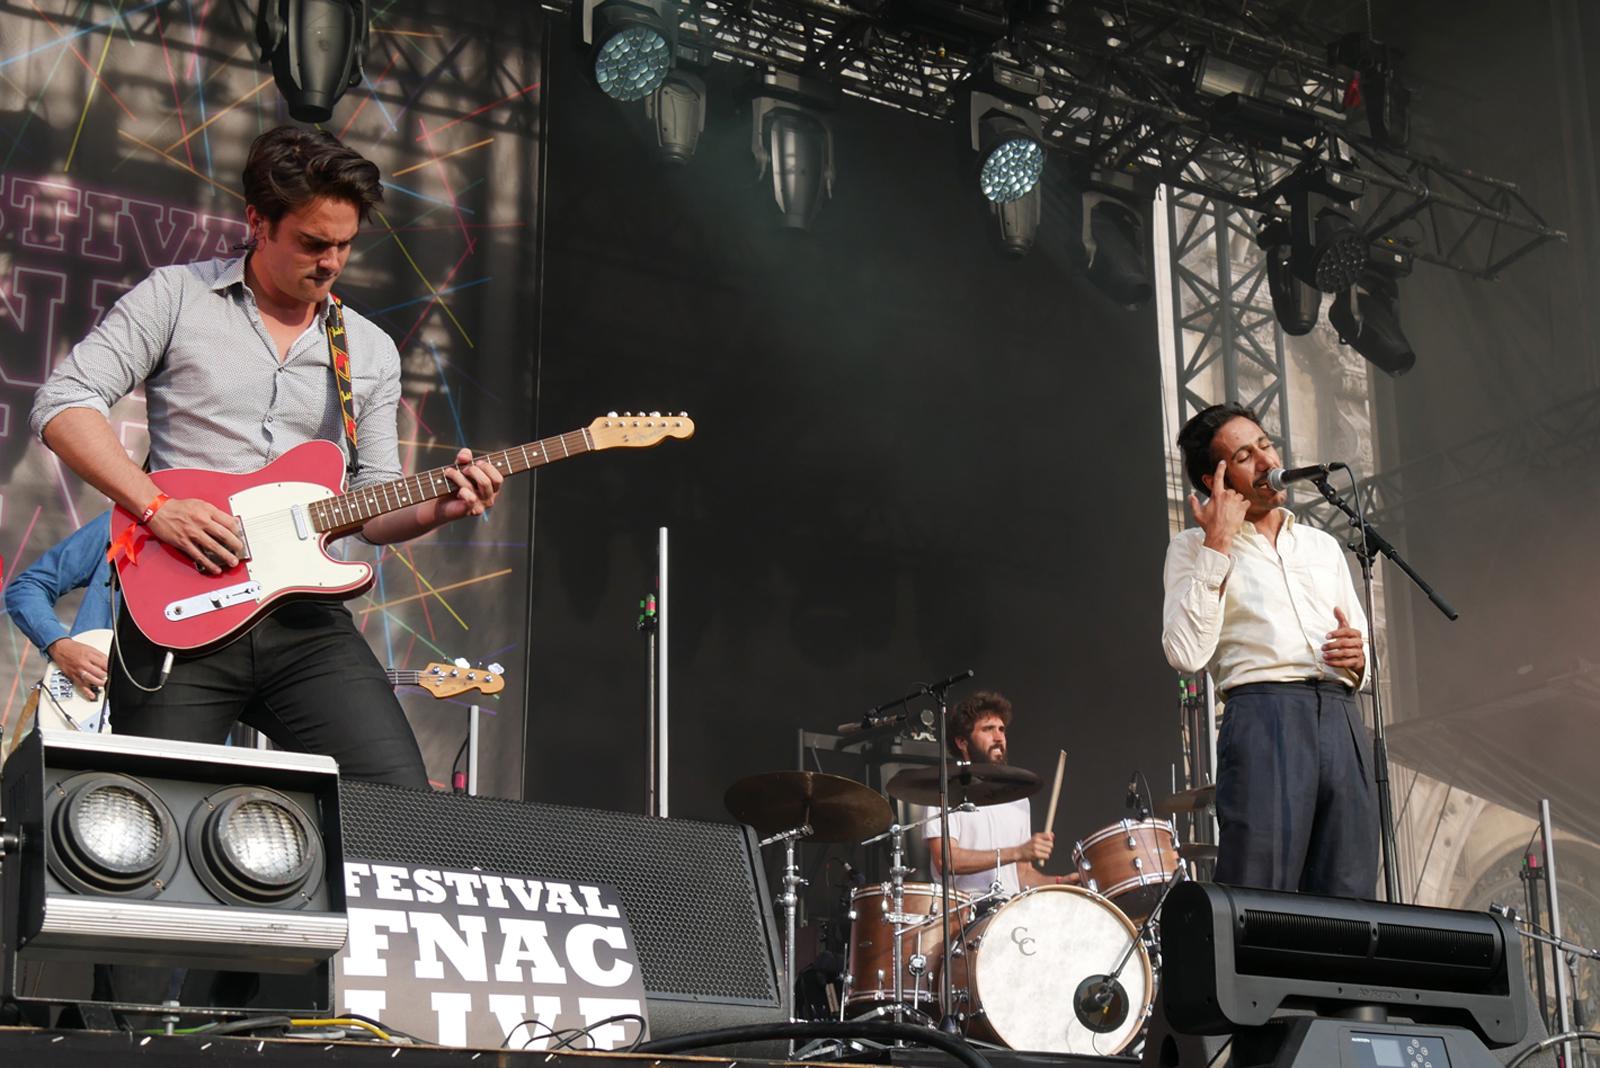 Feu chatterton Fnac live 2016 festival été scène concert musique photo by blog united states of paris